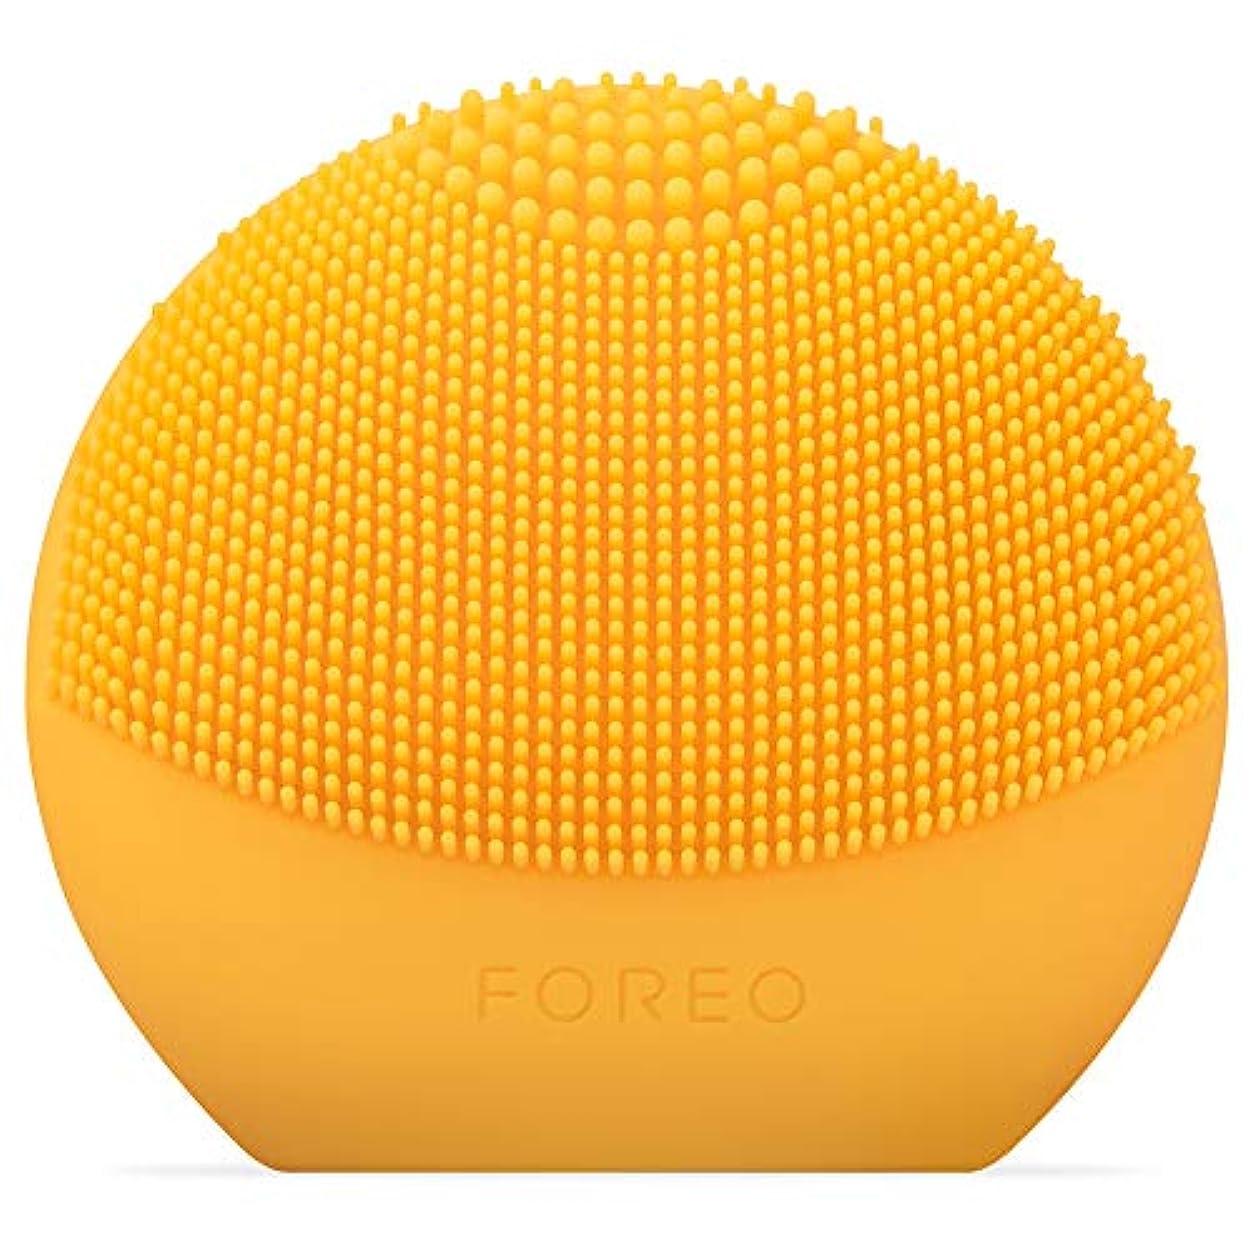 急ぐ説得力のあるボウルFOREO LUNA fofo サンフラワーイエロー スマートクレンジングデバイス 電動洗顔ブラシ シリコーン製